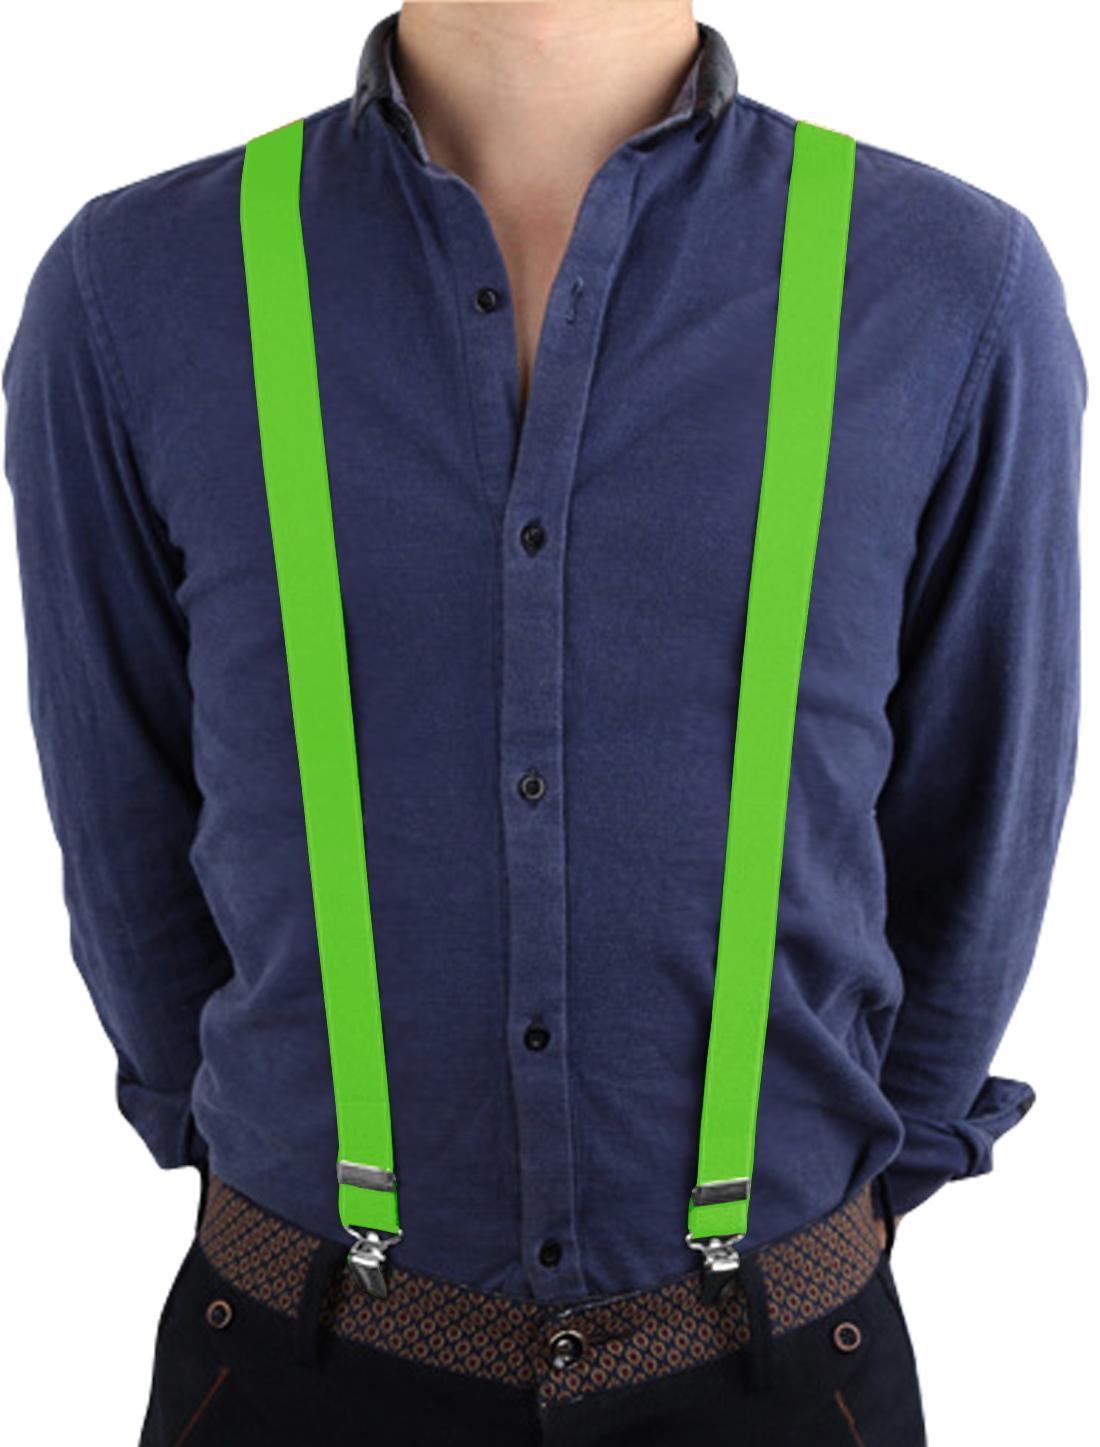 Unisex Y Shape Back Adjustable Clips Suspender Straps Green